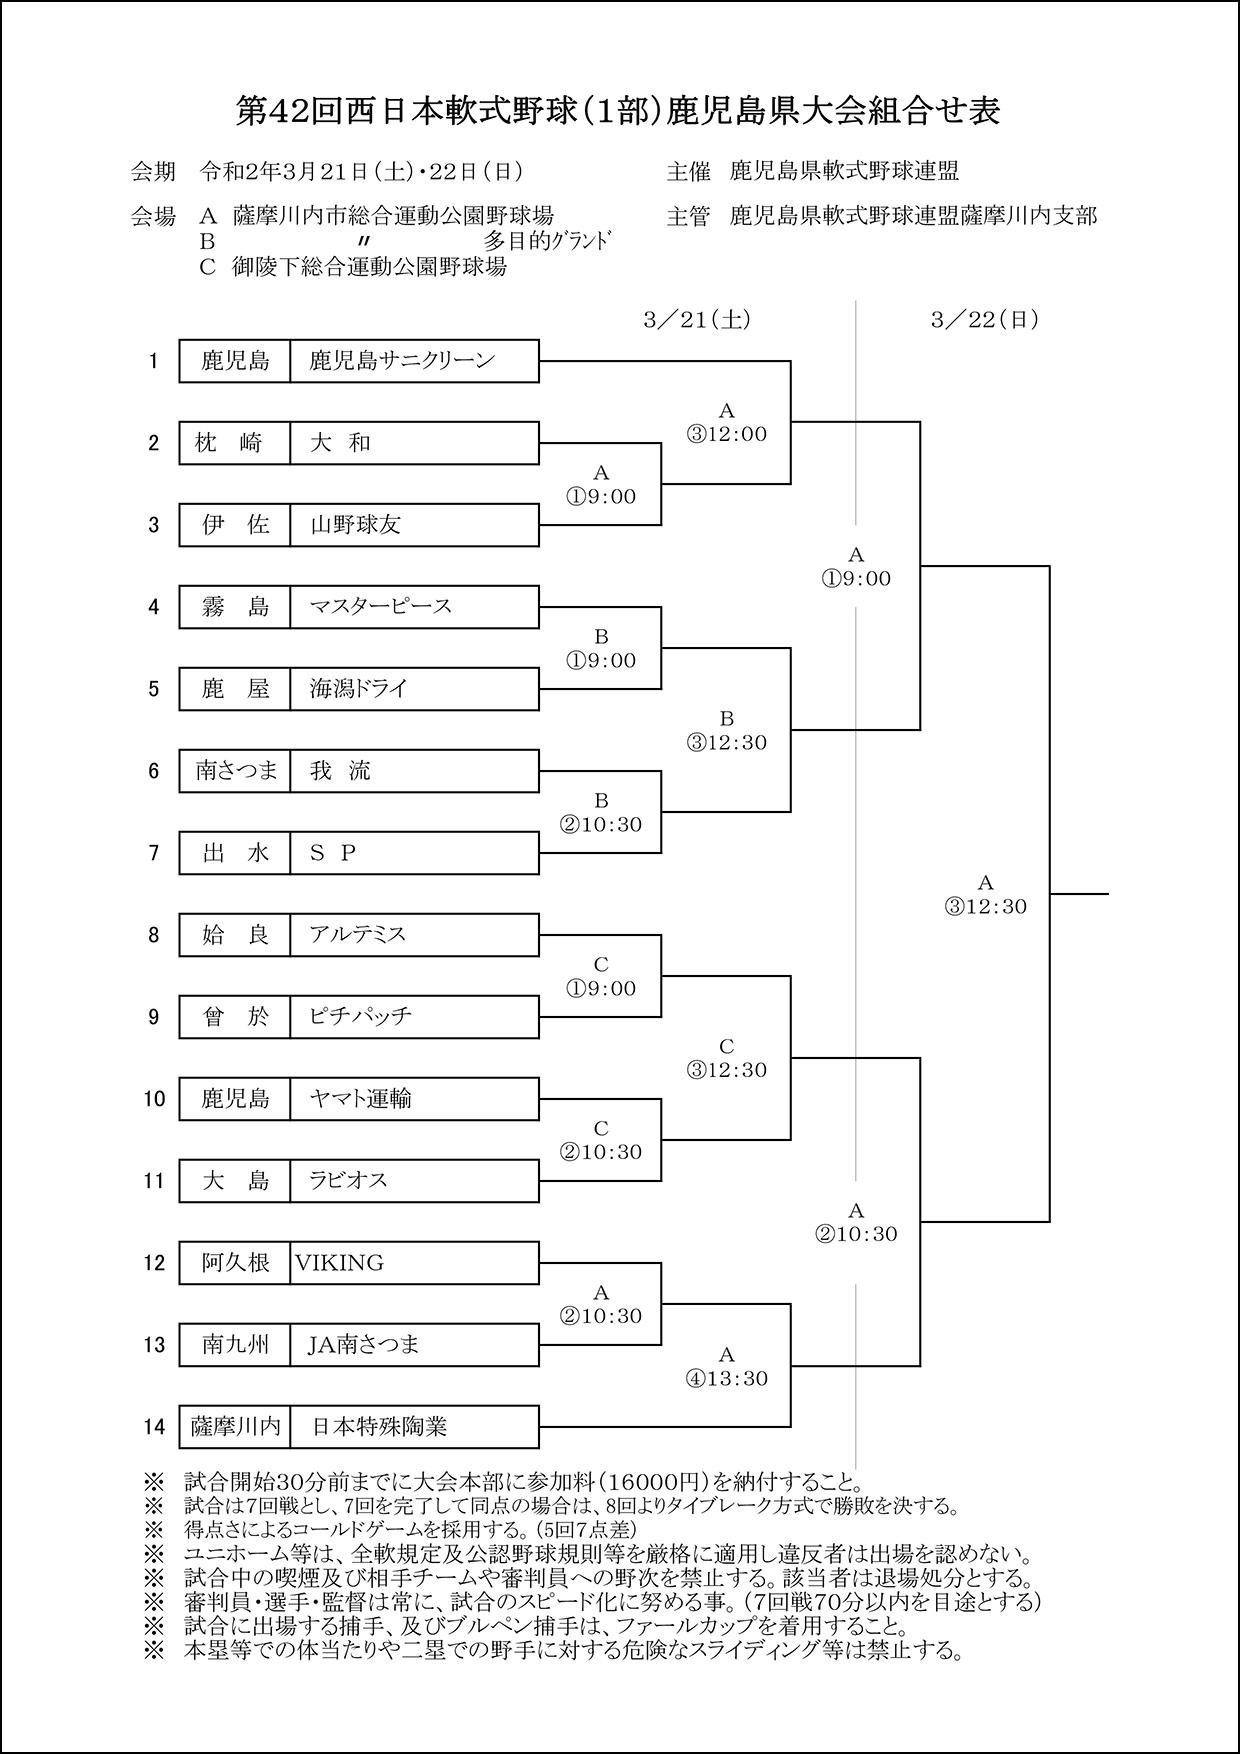 【組合せ】第42回西日本軟式野球(1部)鹿児島県大会